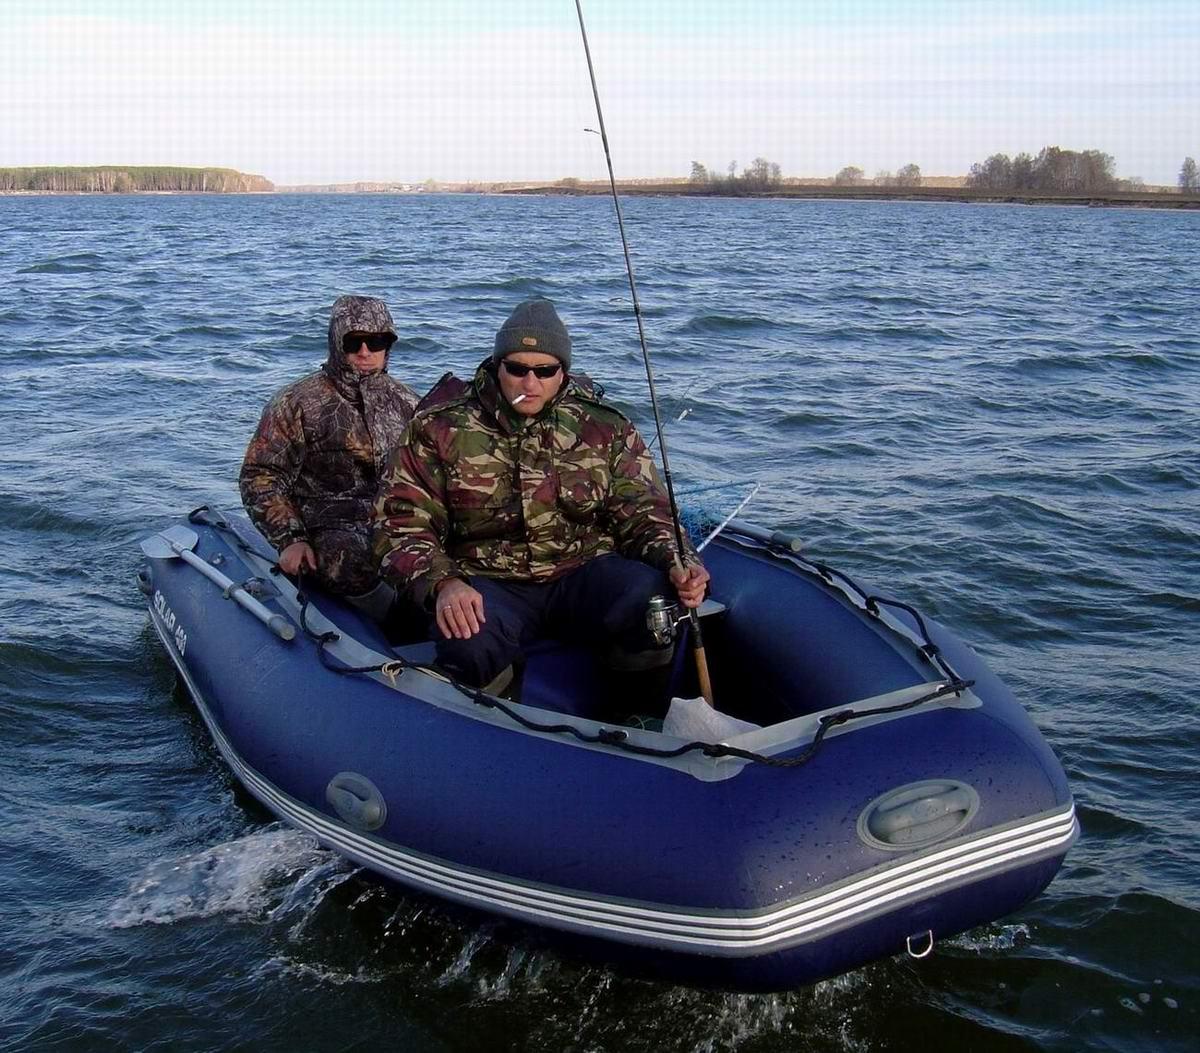 Спирино (ОВХ) Лодка Солар-400. Палыч (Игорь) на рыбалке. Автор P.Ch.